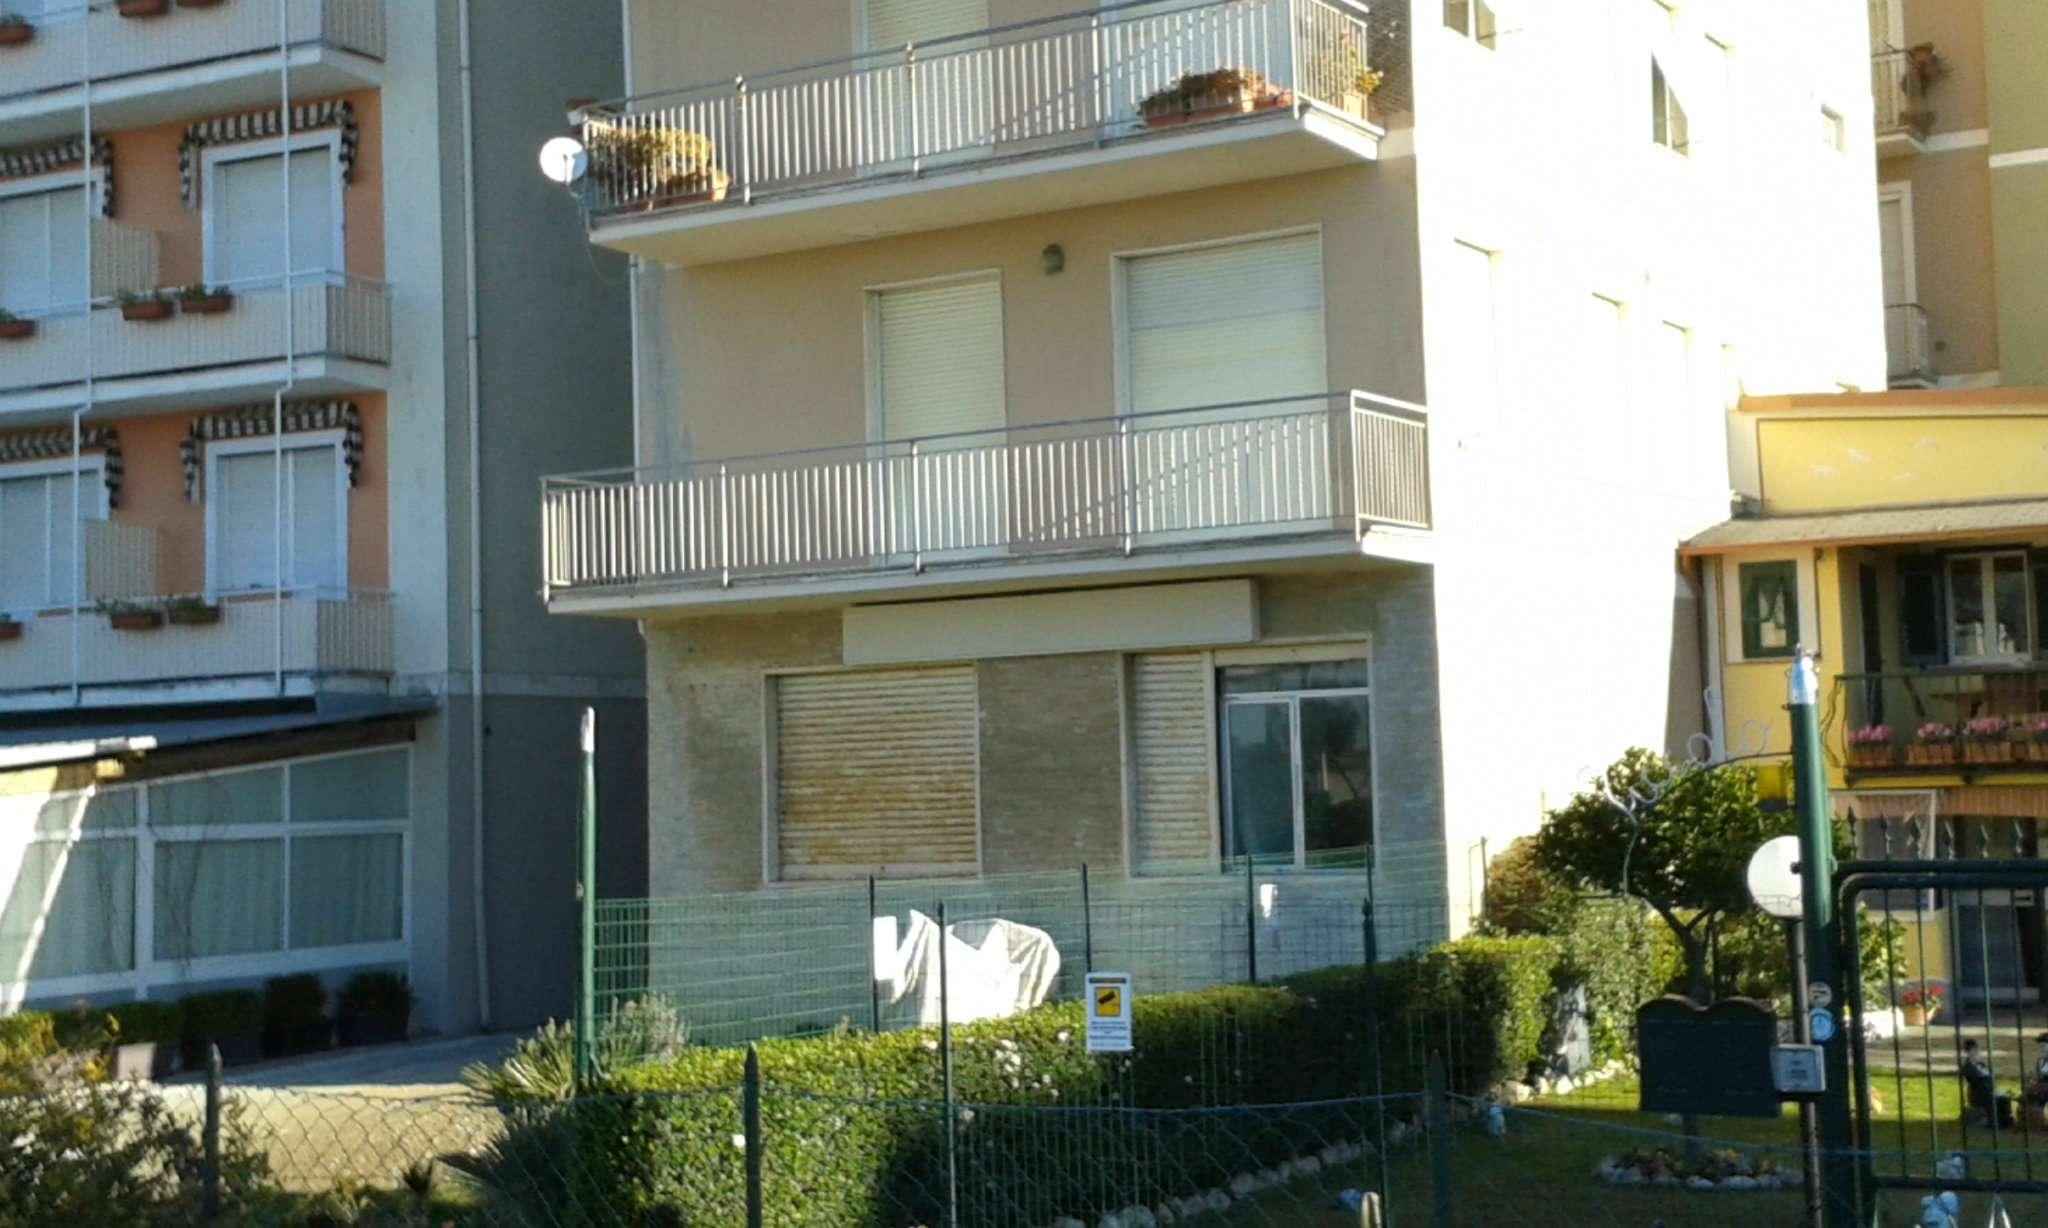 Immobile Commerciale in vendita a Lavagna, 9 locali, prezzo € 290.000 | CambioCasa.it